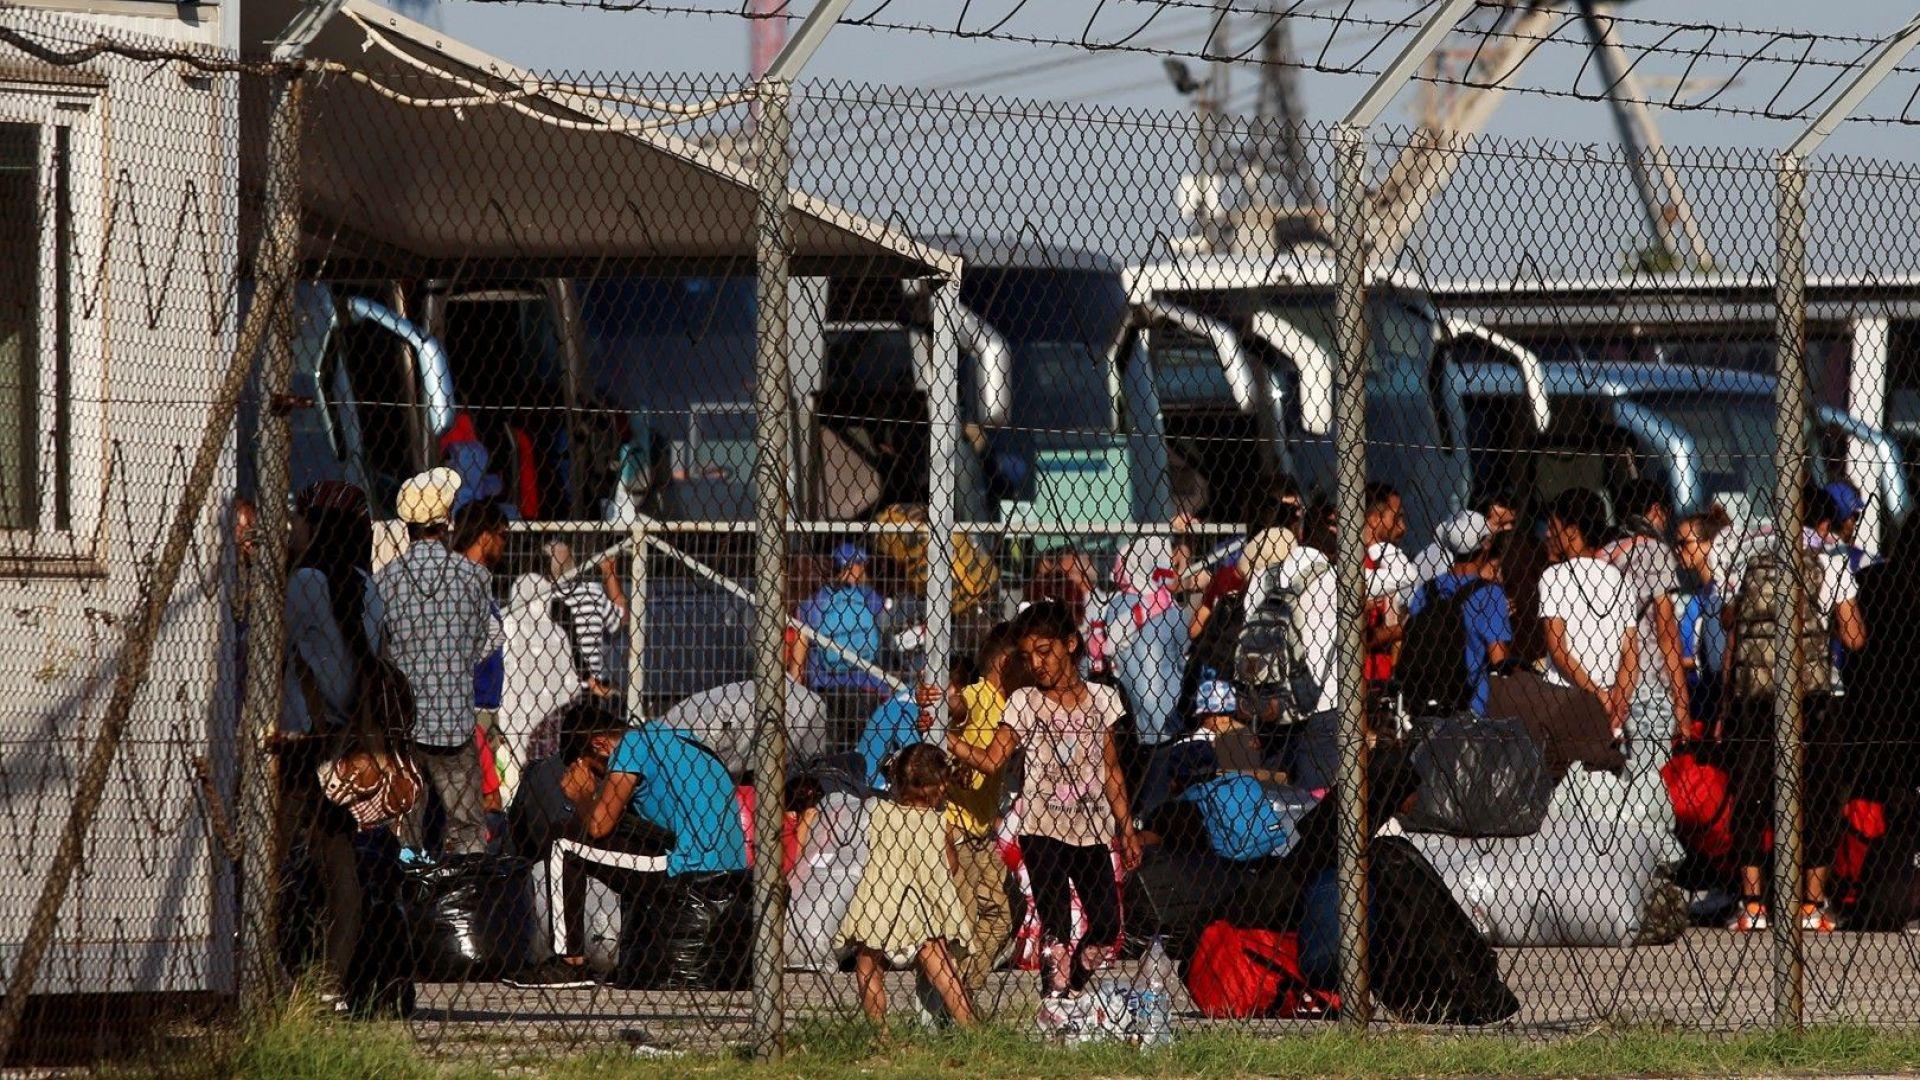 35 нелегални мигранти са заловени в Турция на път за България